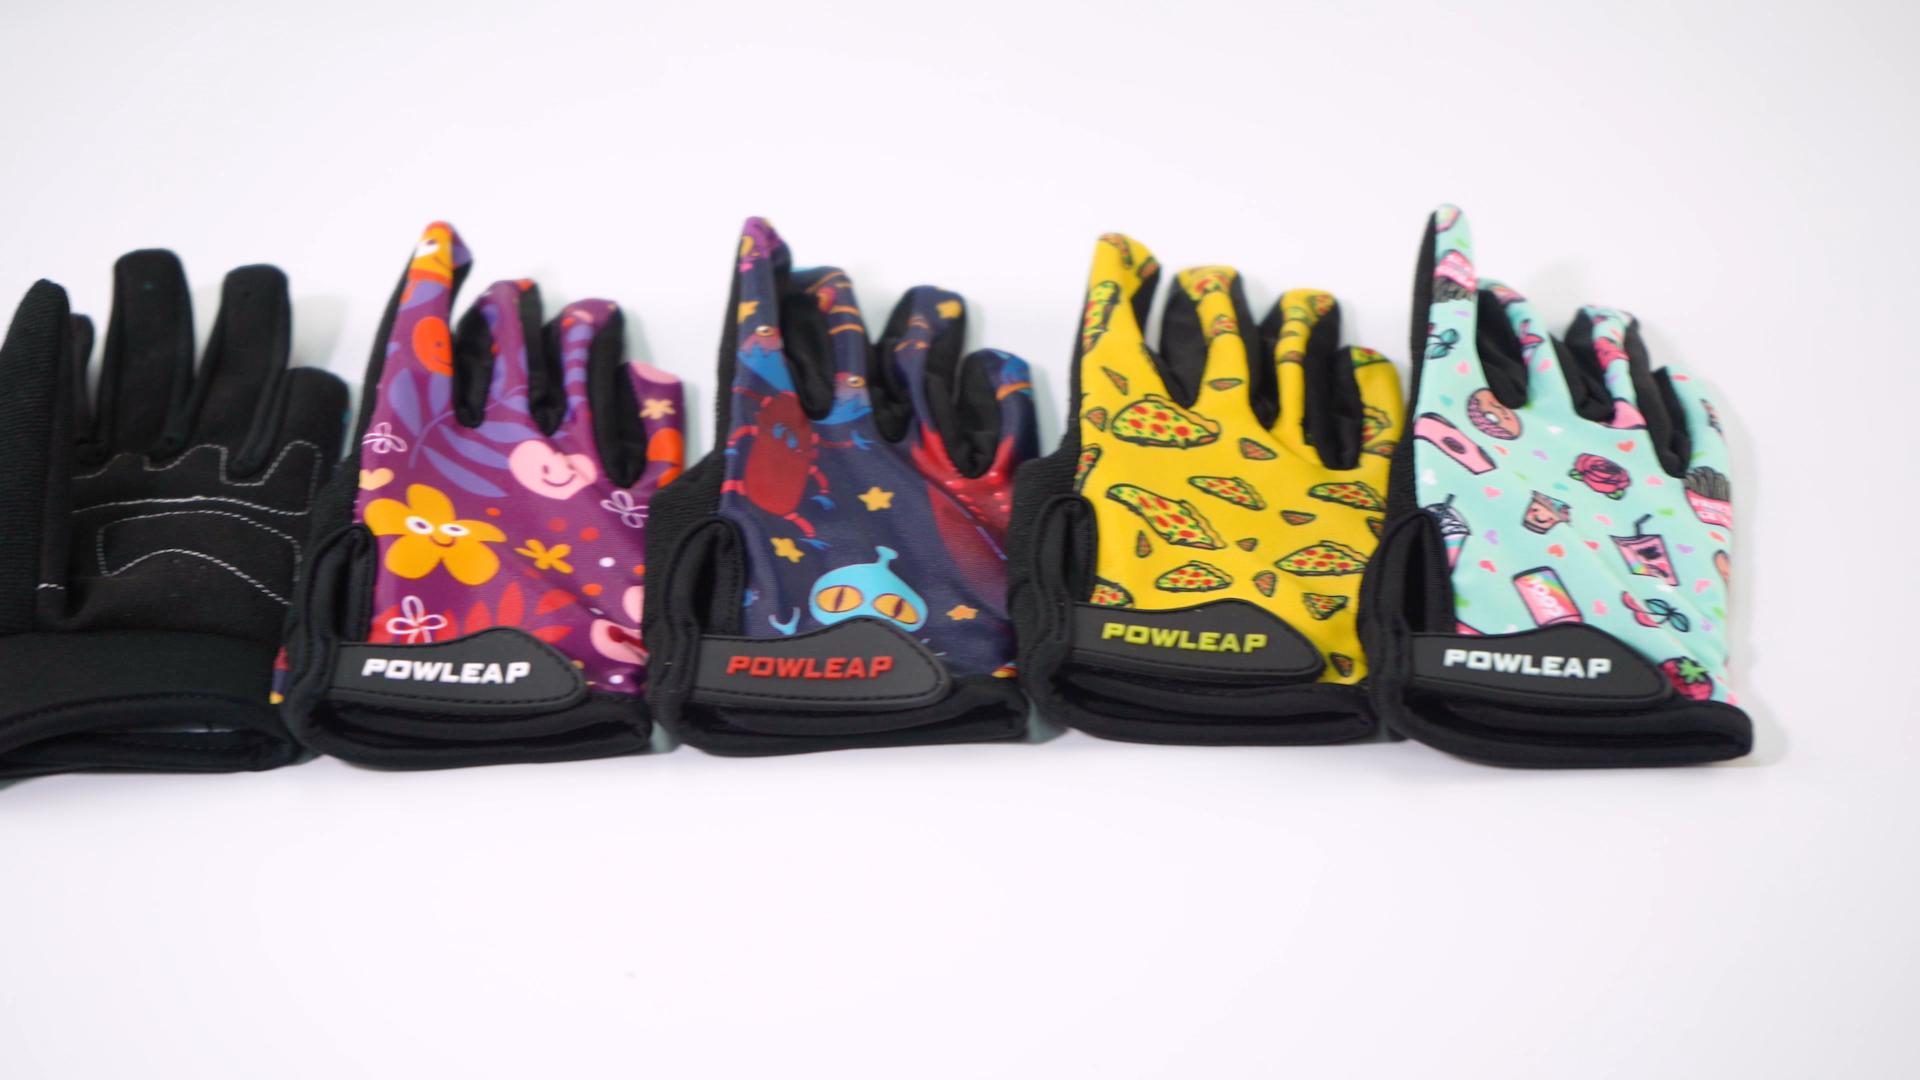 2021 nuovo Stile di Bambini Piccoli Lunga Piena Finger Gloves Bike/Bambini di Strada di Riciclaggio Della Bicicletta Guanti di Sport Per i ragazzi e ragazze